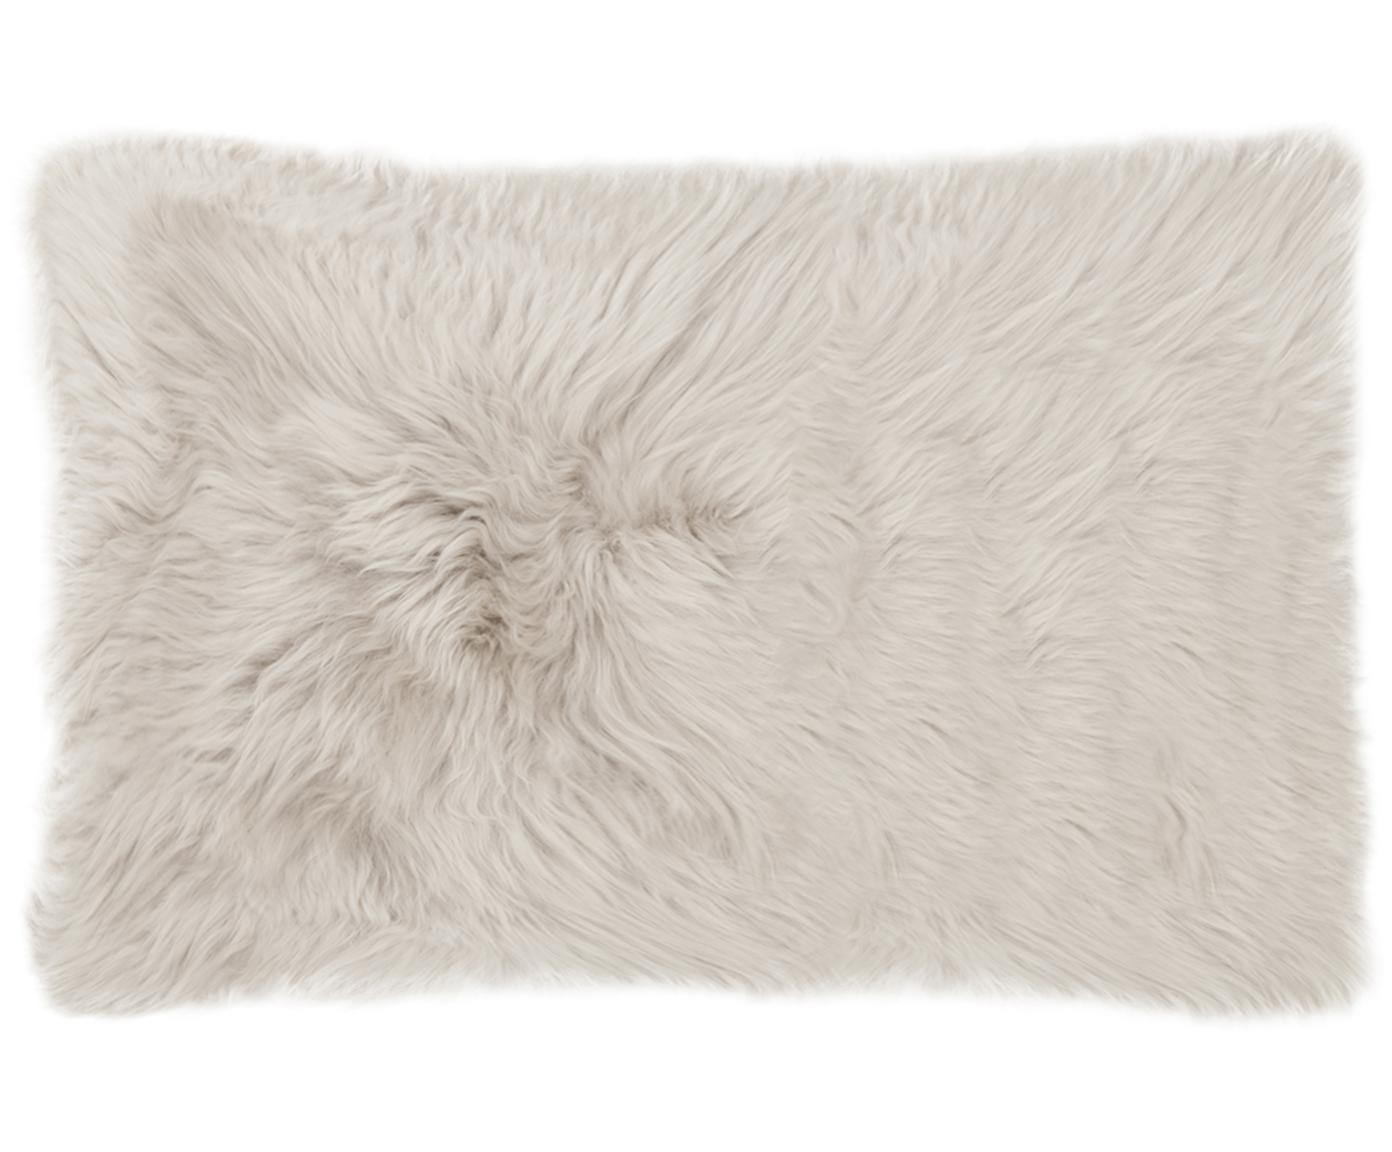 Kussenhoes van schapenvacht Oslo, glad, Voorzijde: beige. Achterzijde: lichtgrijs, 30 x 50 cm